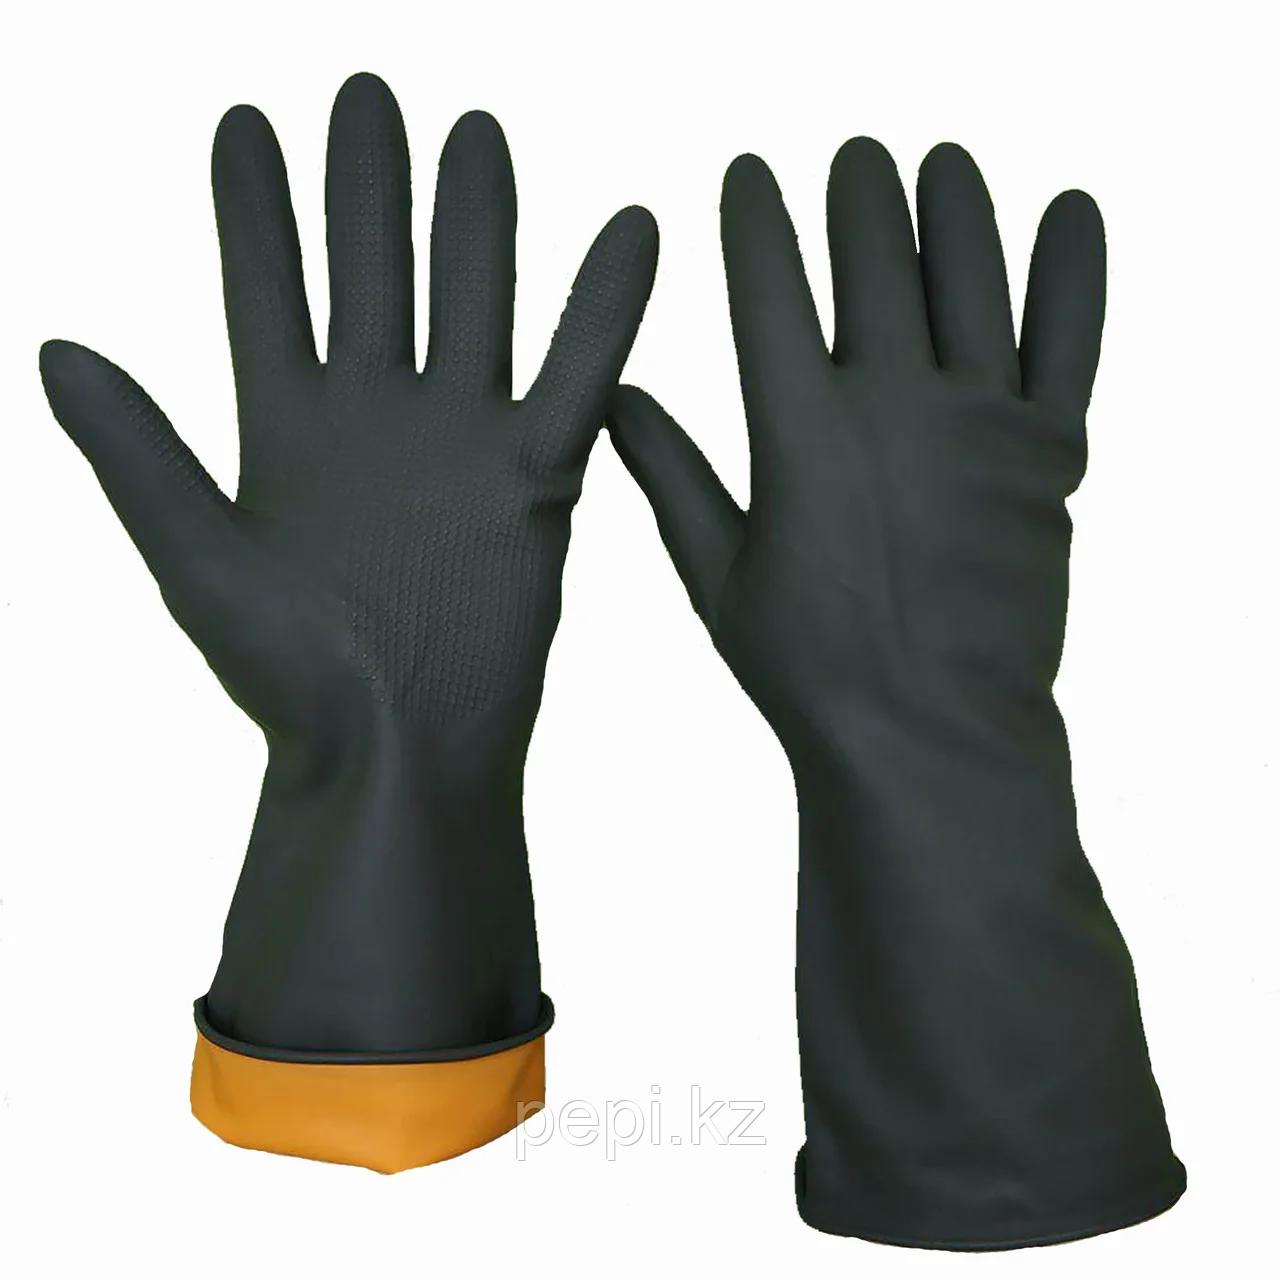 Перчатки КЩС (кислотощелочестойкие) размер ХL